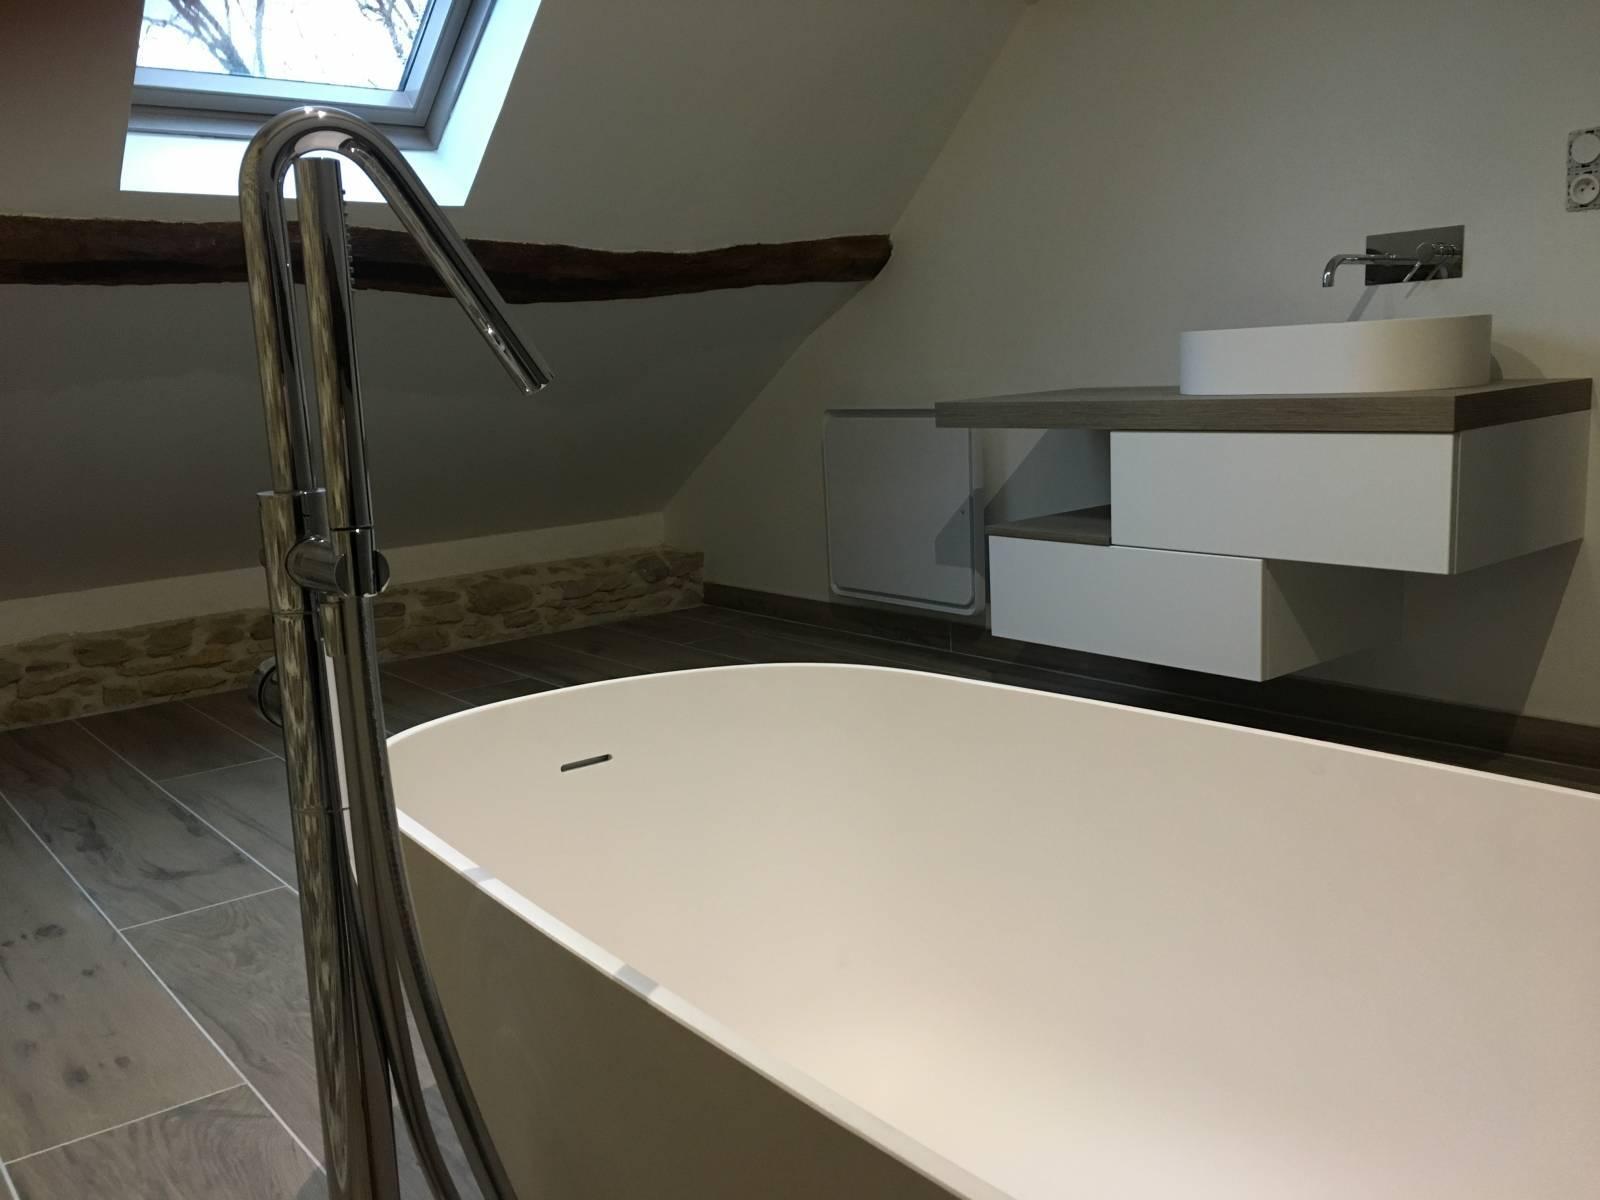 salle de bain sur mesure avec baignoire ilot lyon 2 il bagno. Black Bedroom Furniture Sets. Home Design Ideas